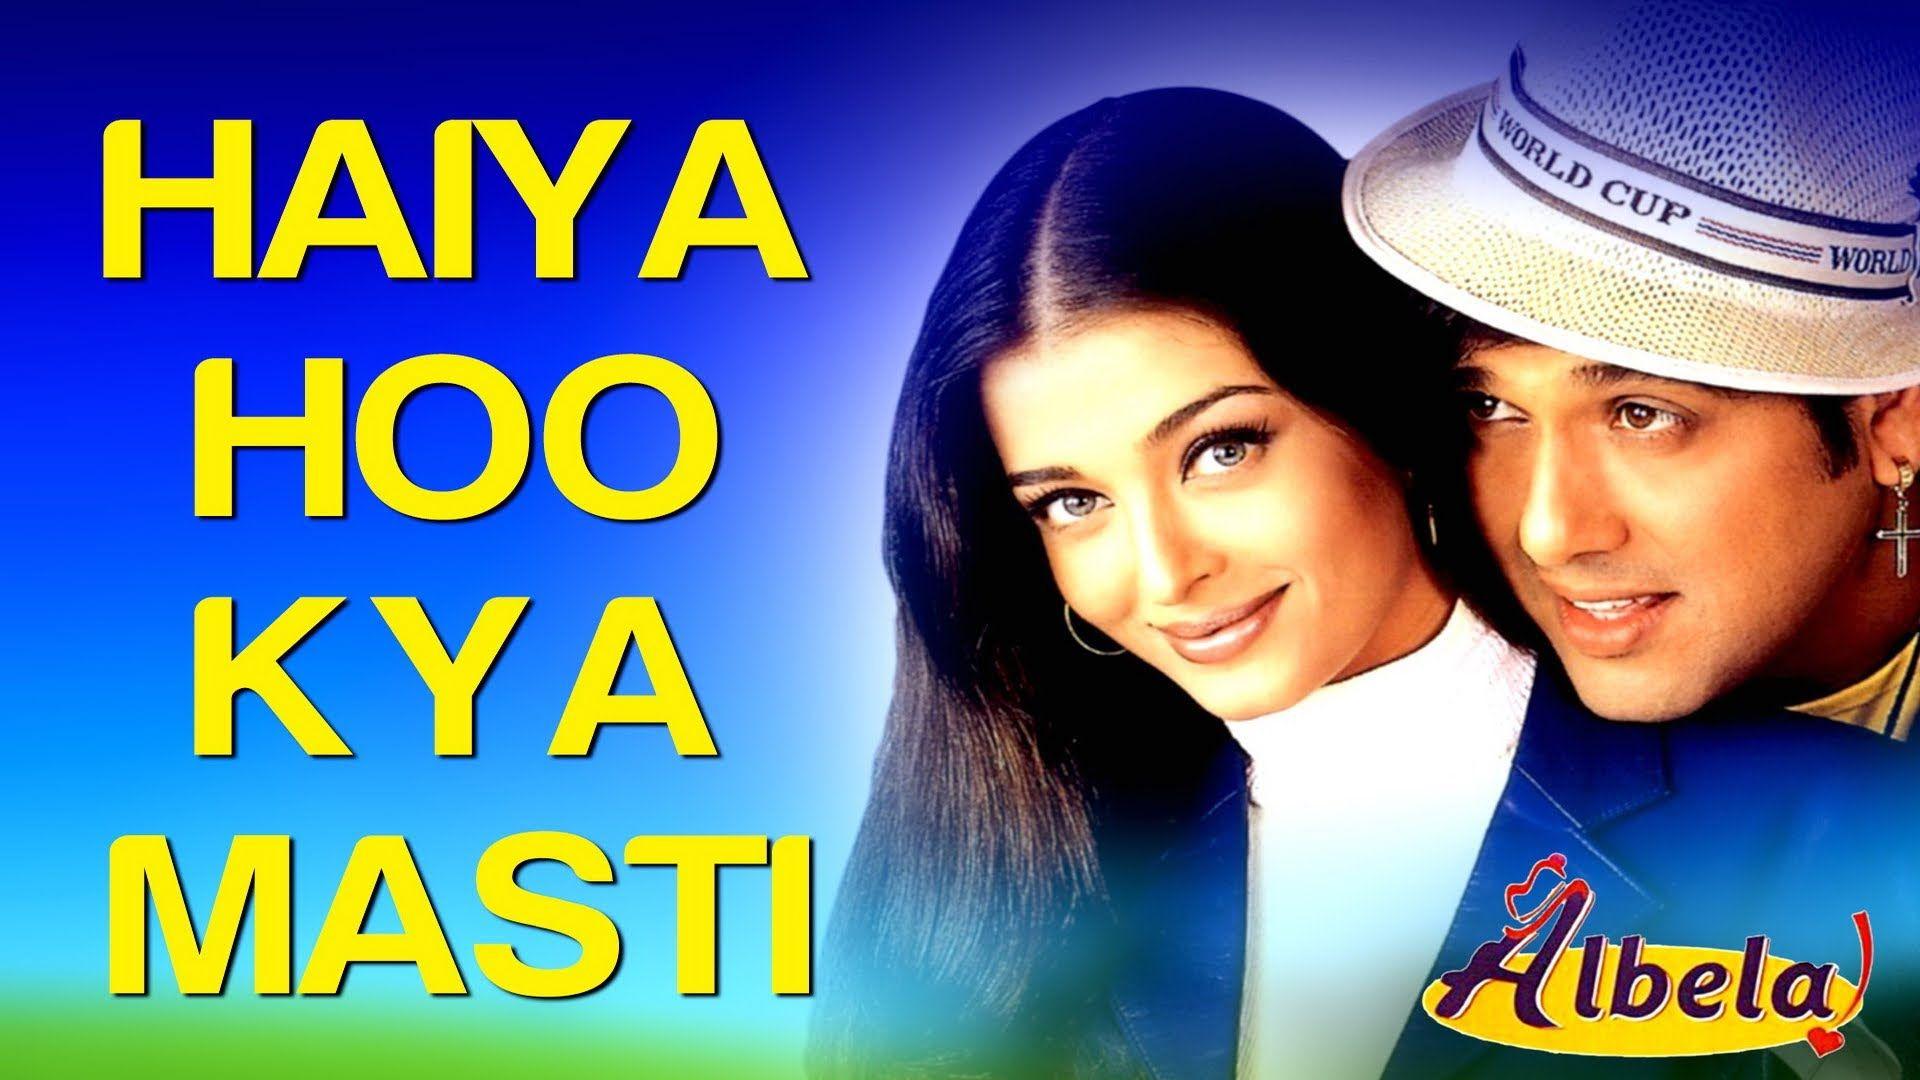 Haiya Hoo Kya Masti Albela Aishwarya Rai Govinda Alka Yagnik Ku